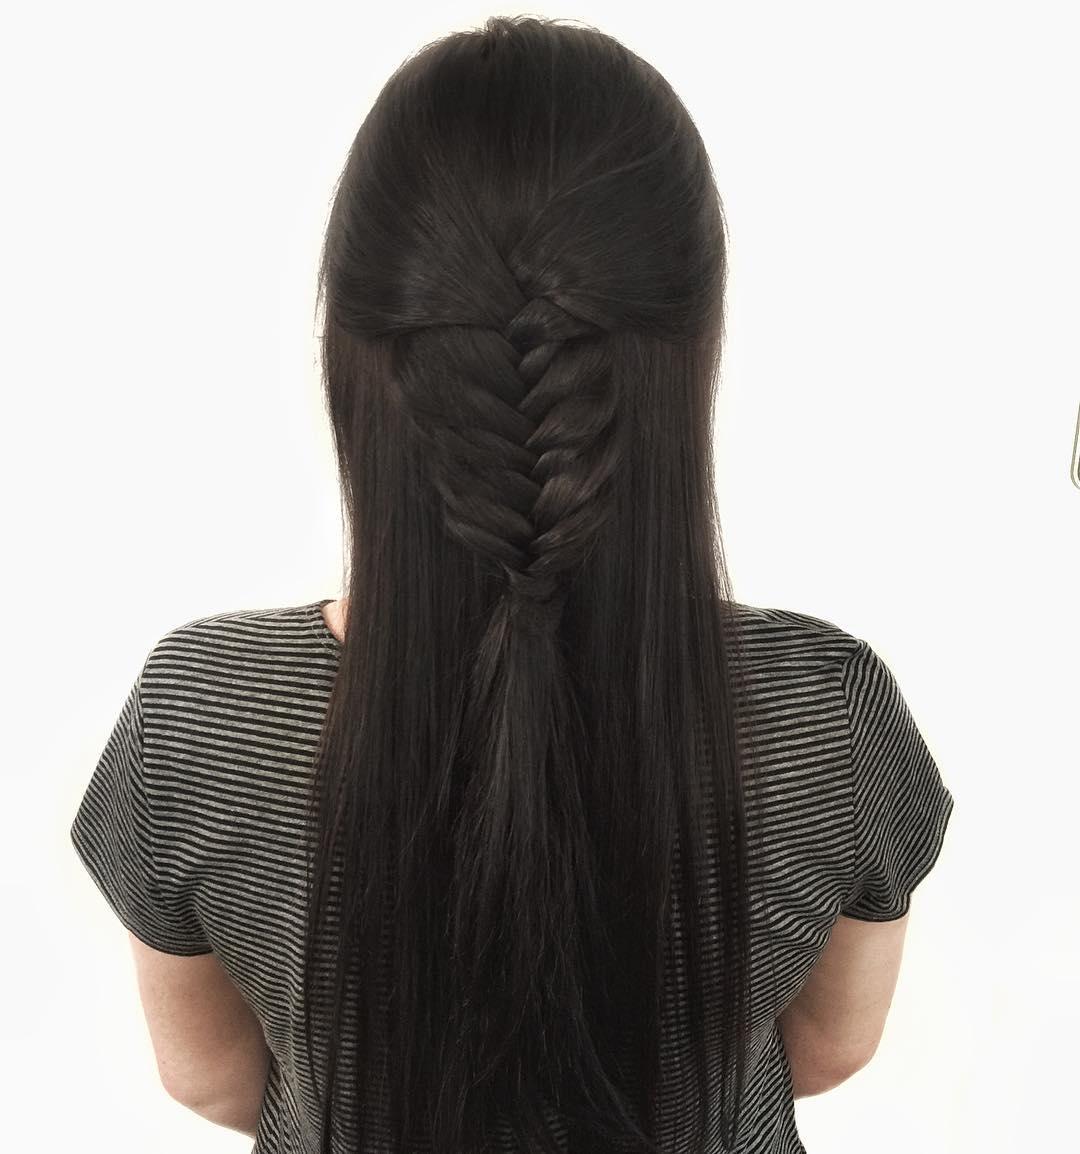 Waterfall Braided Hair.